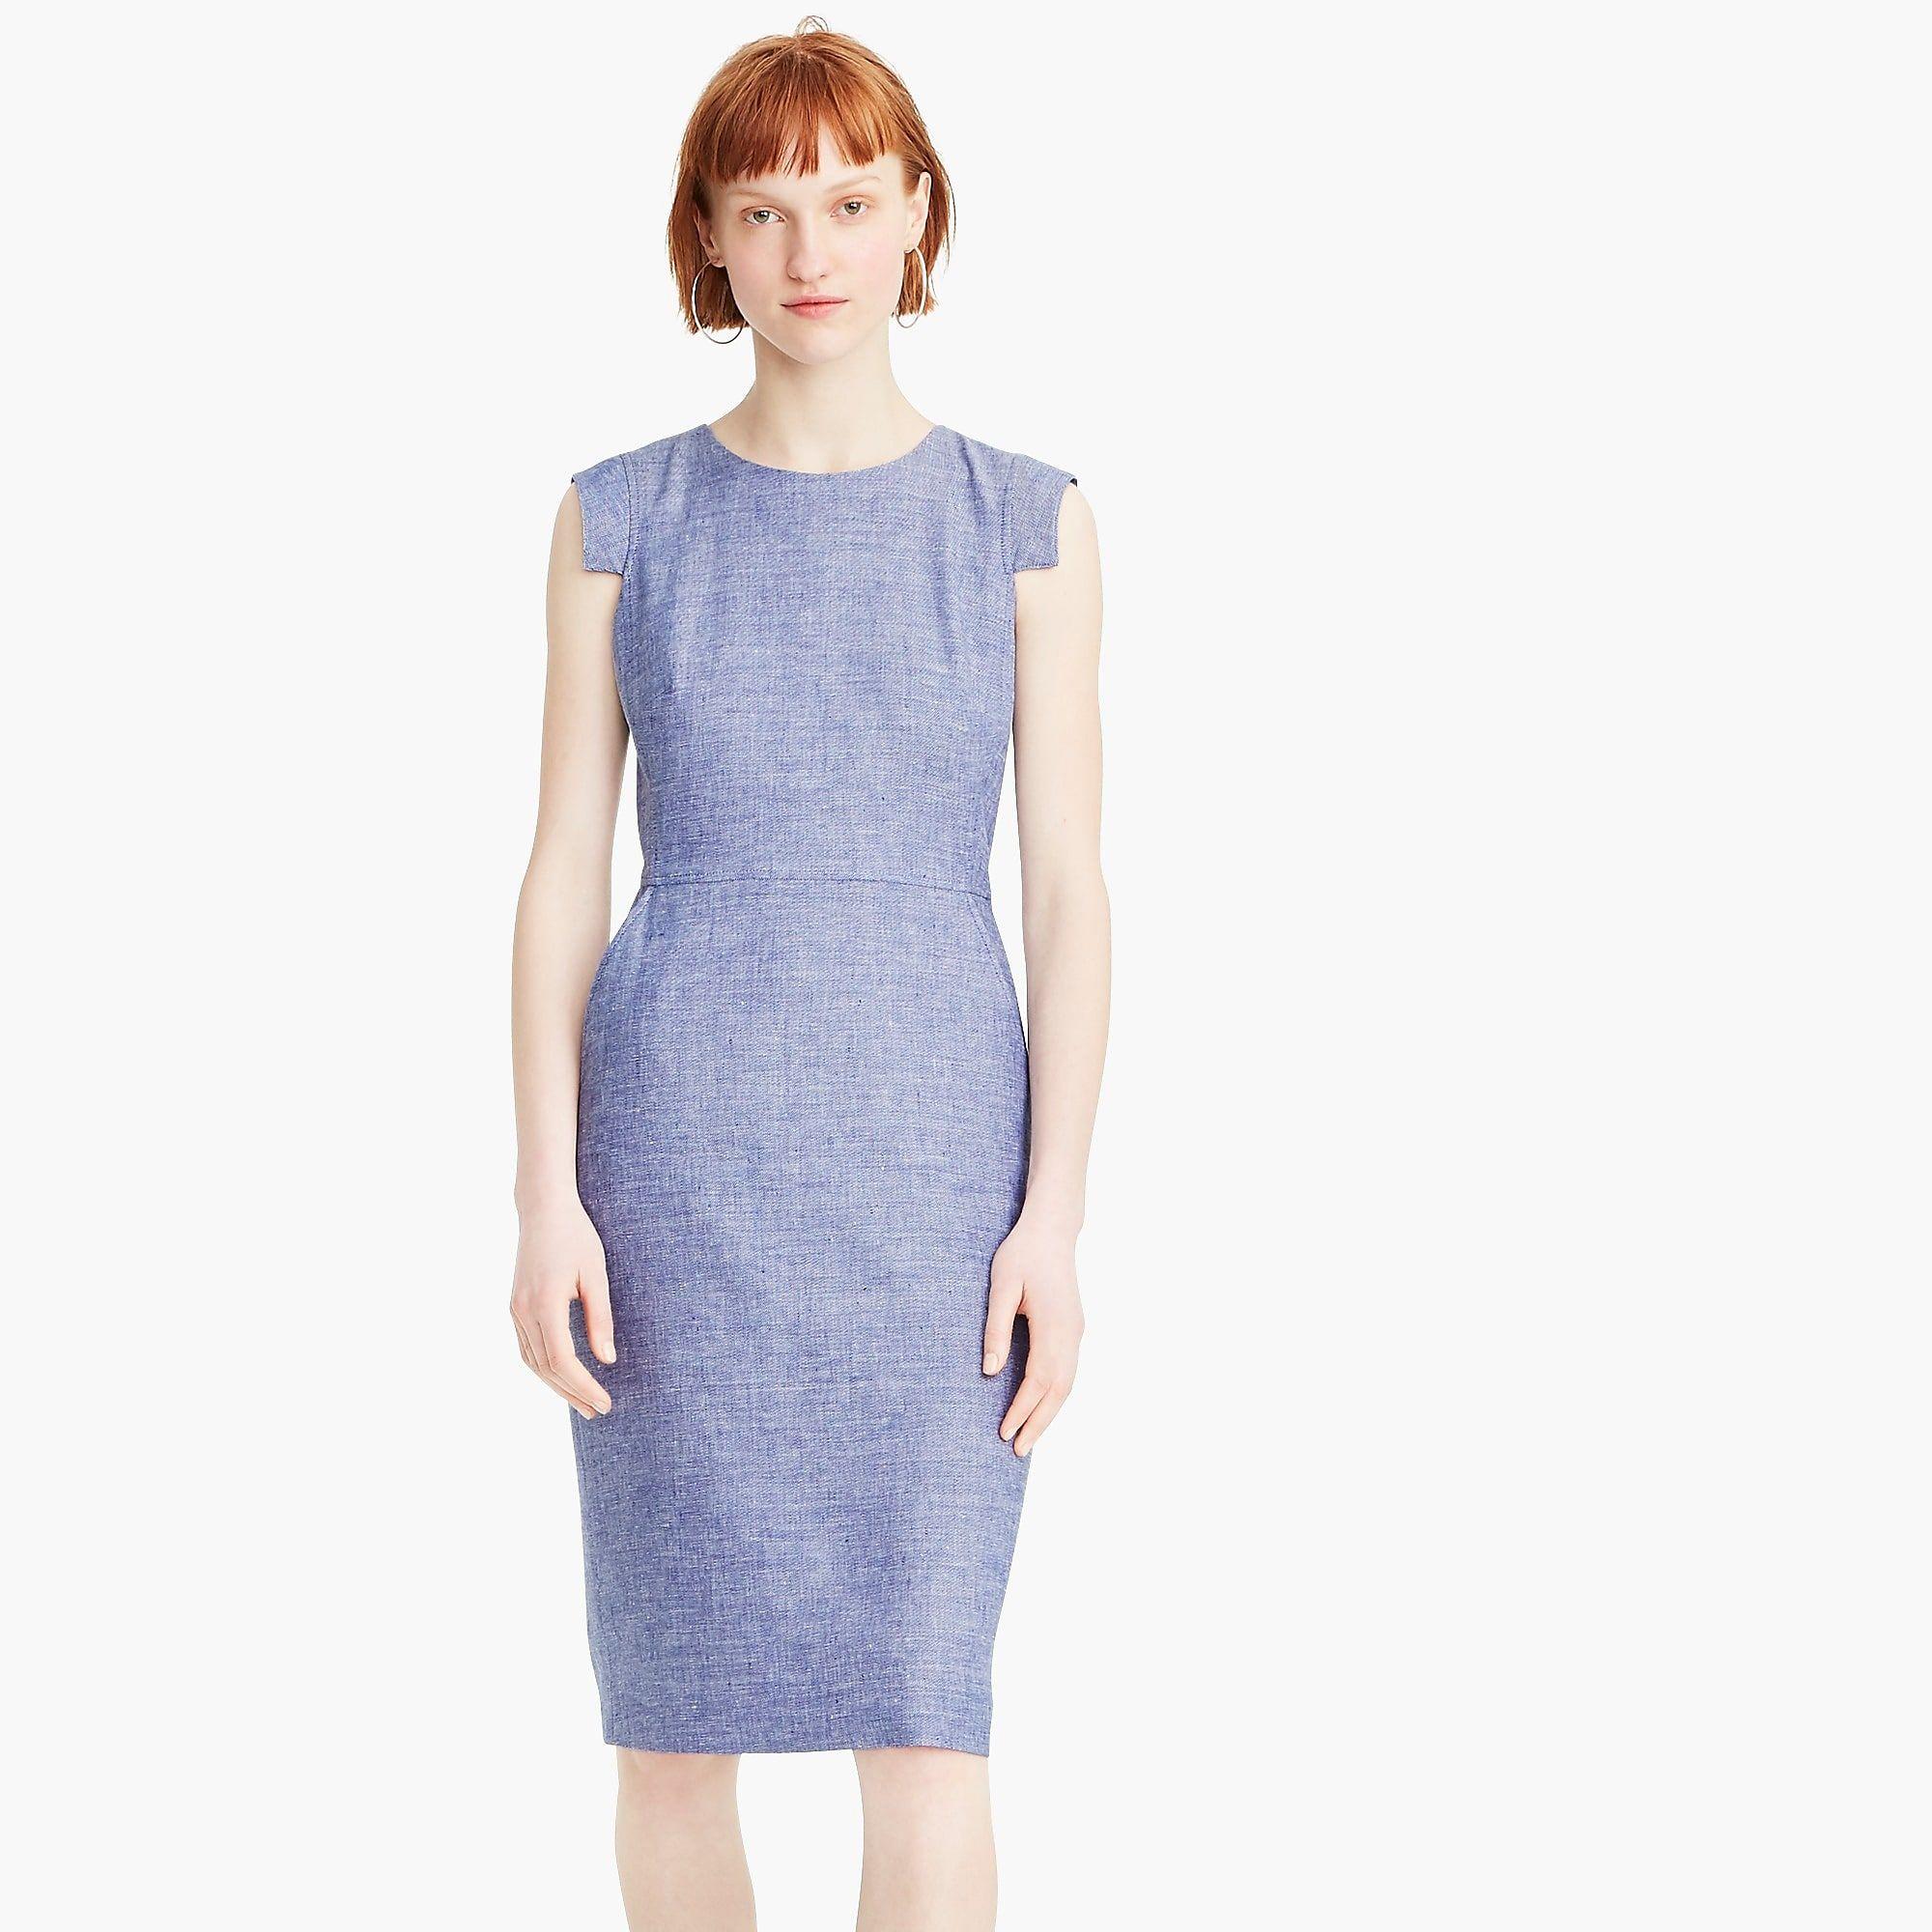 b89a147ded7 Résumé dress in stretch linen   Women wear to work